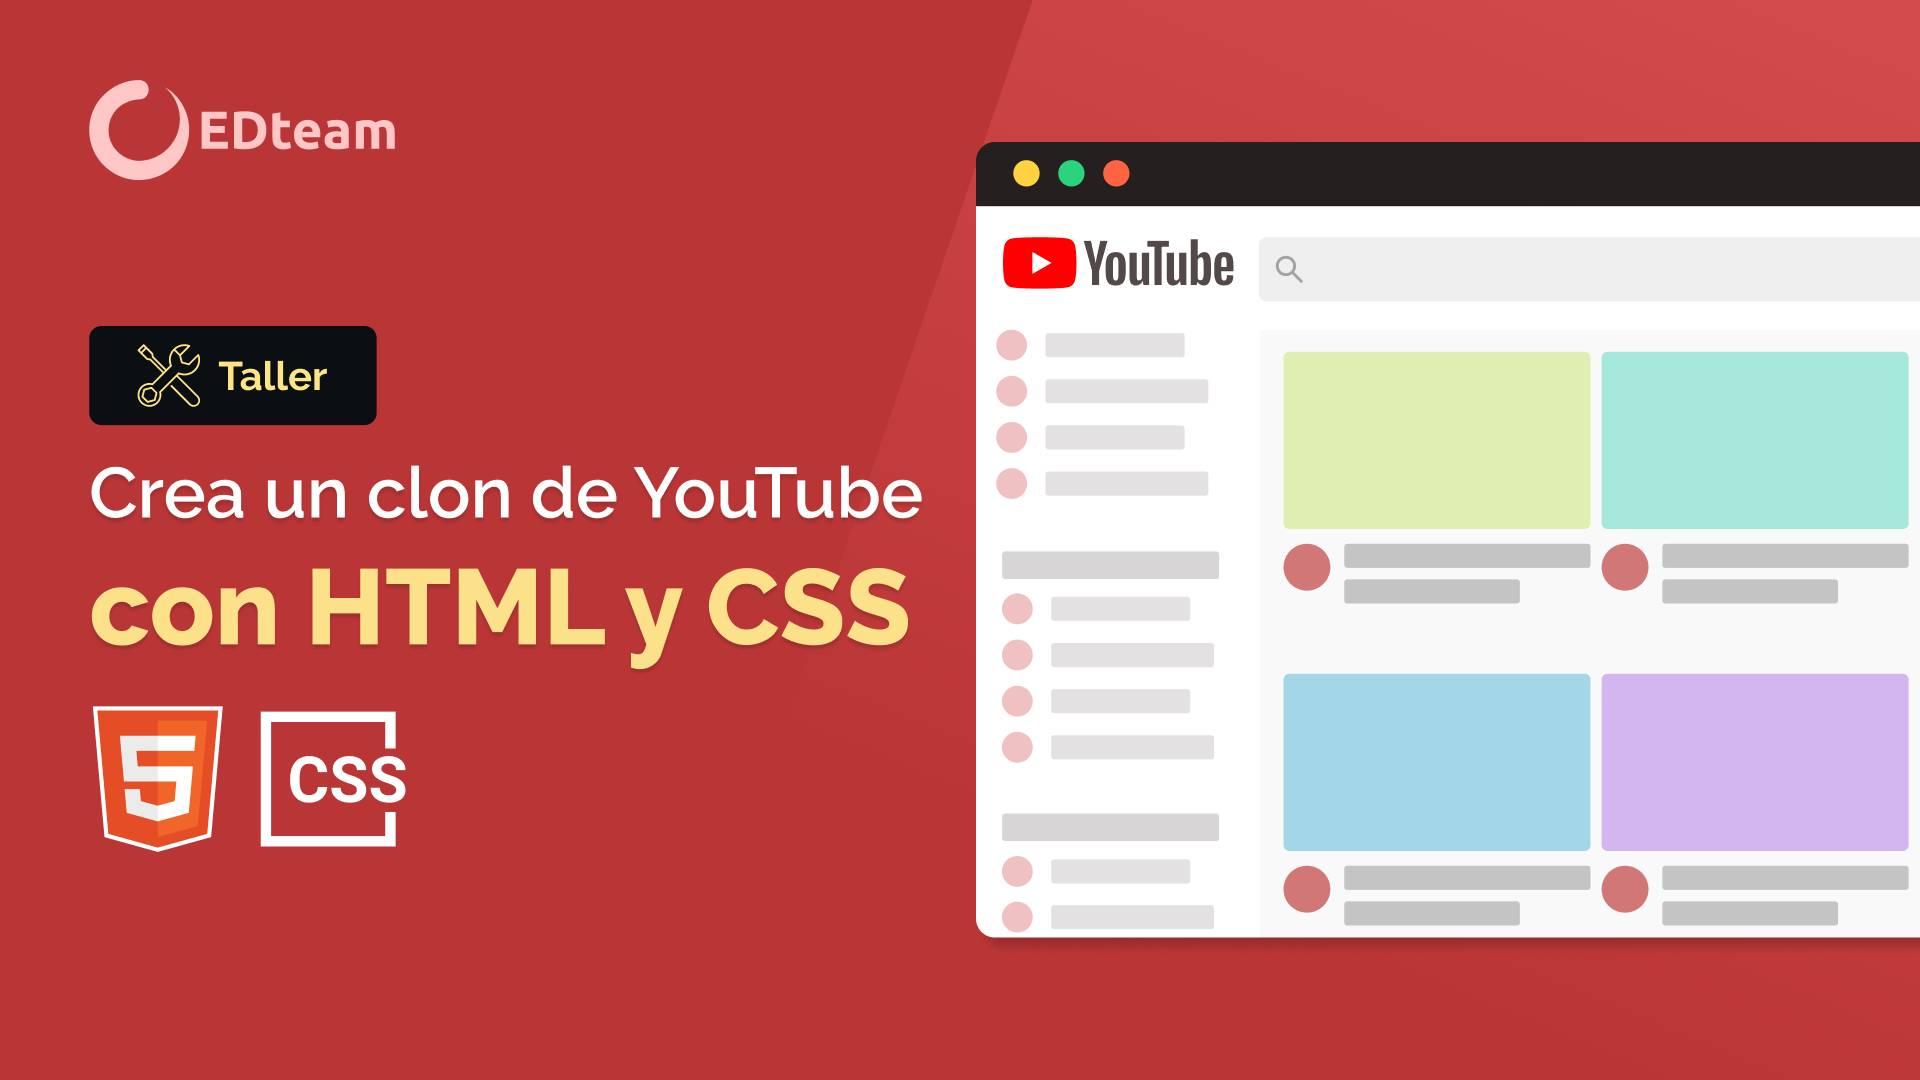 Crea un clon de YouTube con HTML y CSS